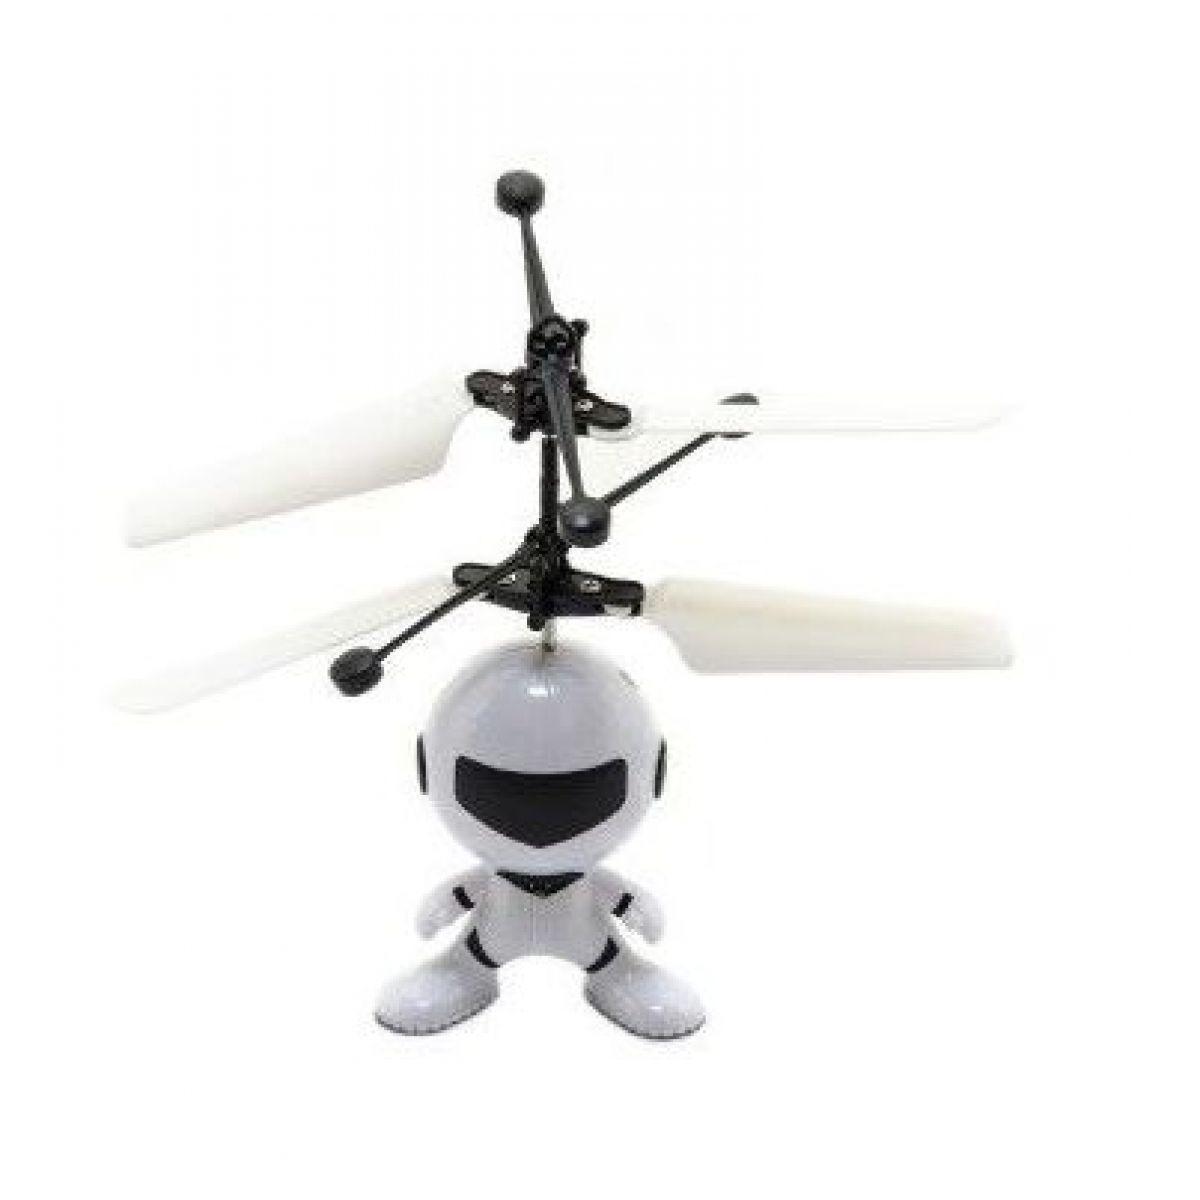 Vrtulníkový robot létající s USB kabelem černý